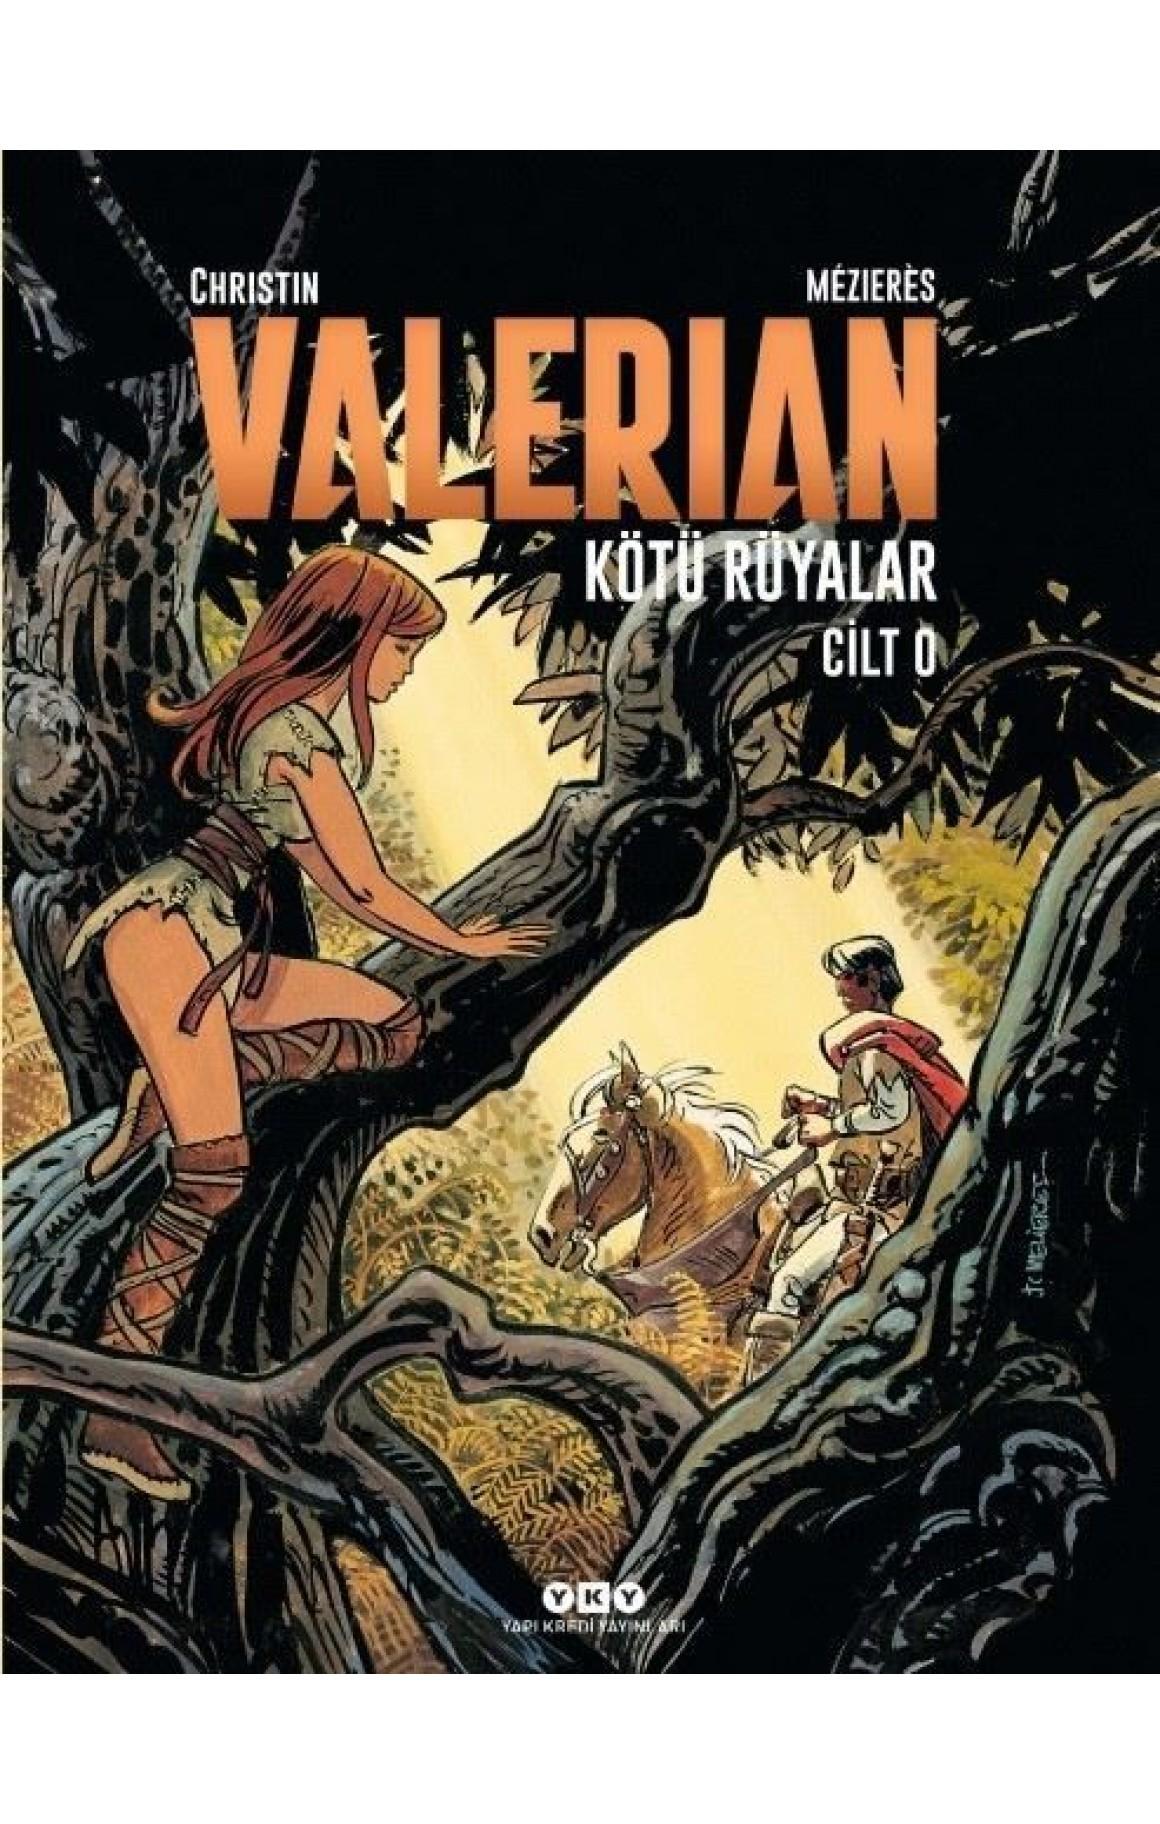 Valerian Cilt 0-Kötü Rüyalar